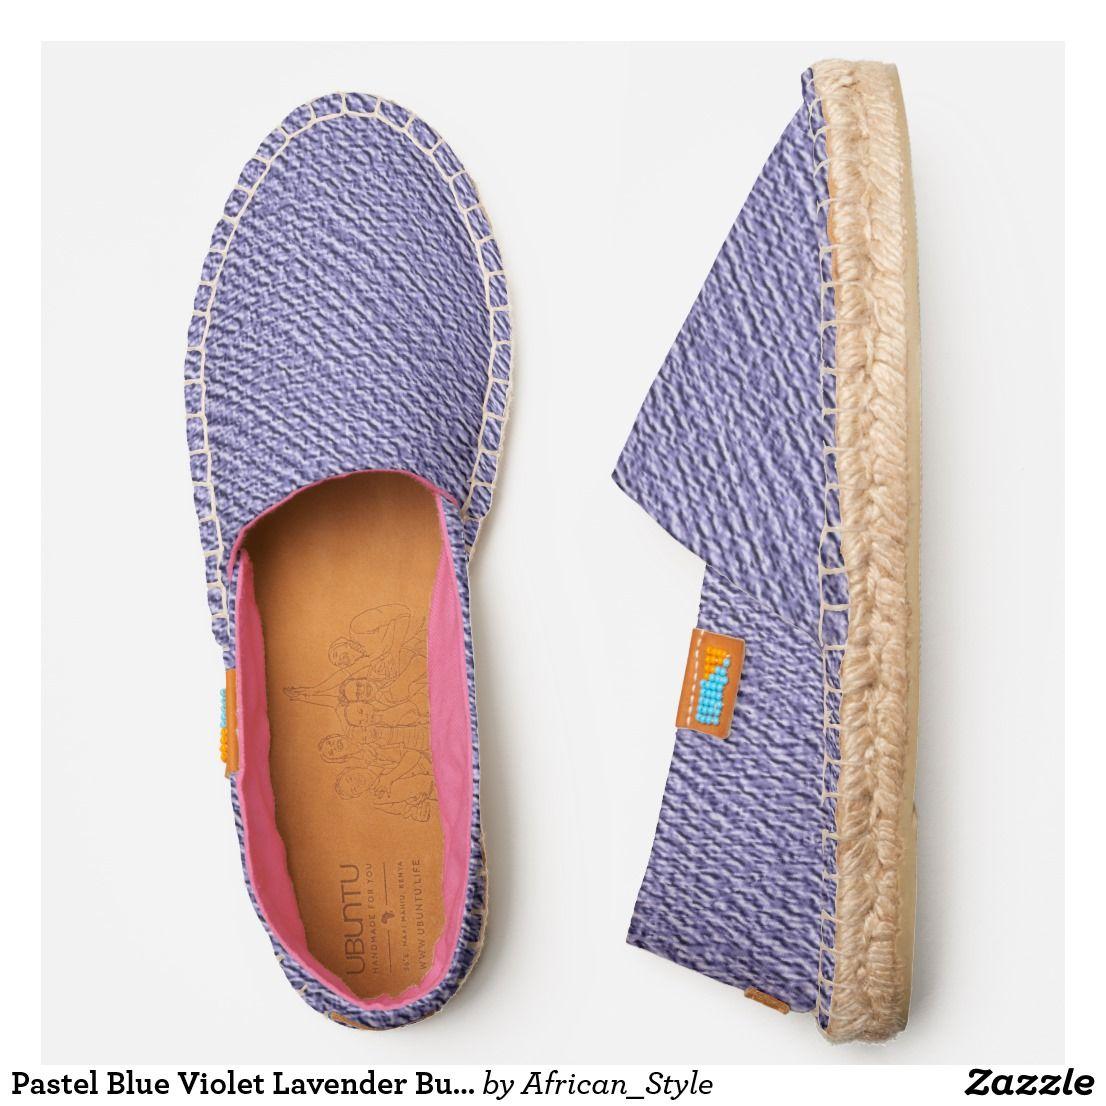 Pastel Blue Violet Lavender Burlap Look Casual Espadrilles | Zazzle.com